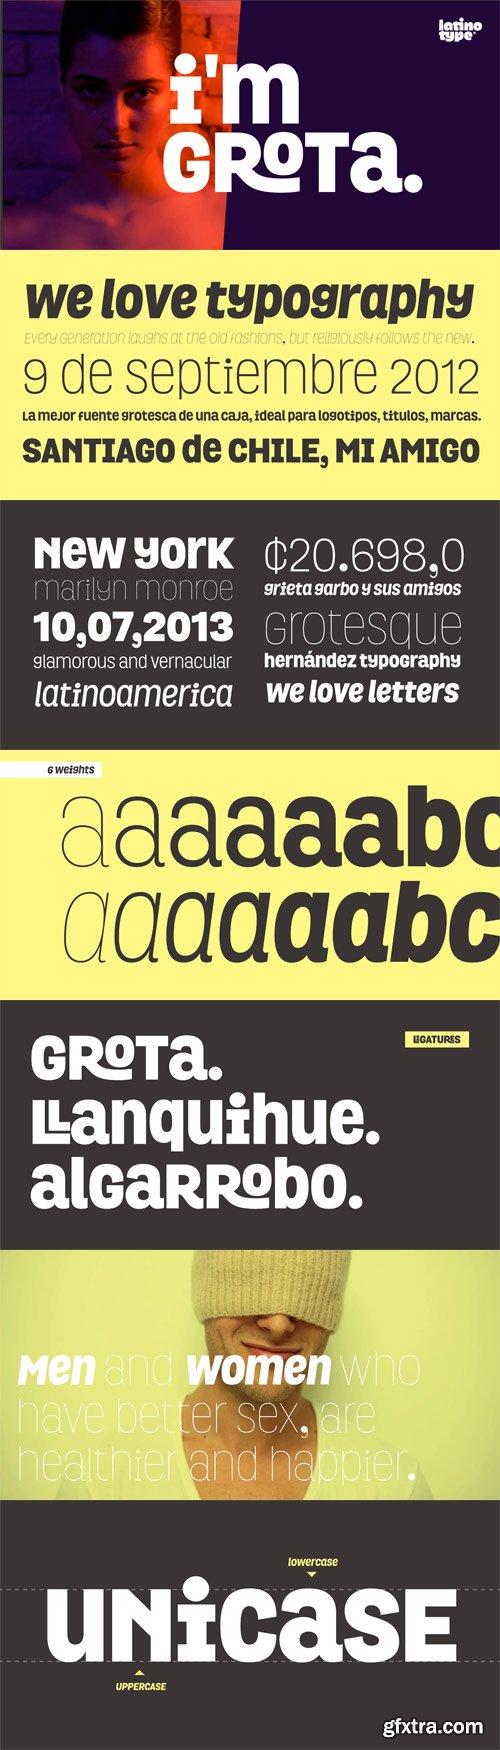 Grota Font Family - 12 Fonts for $126